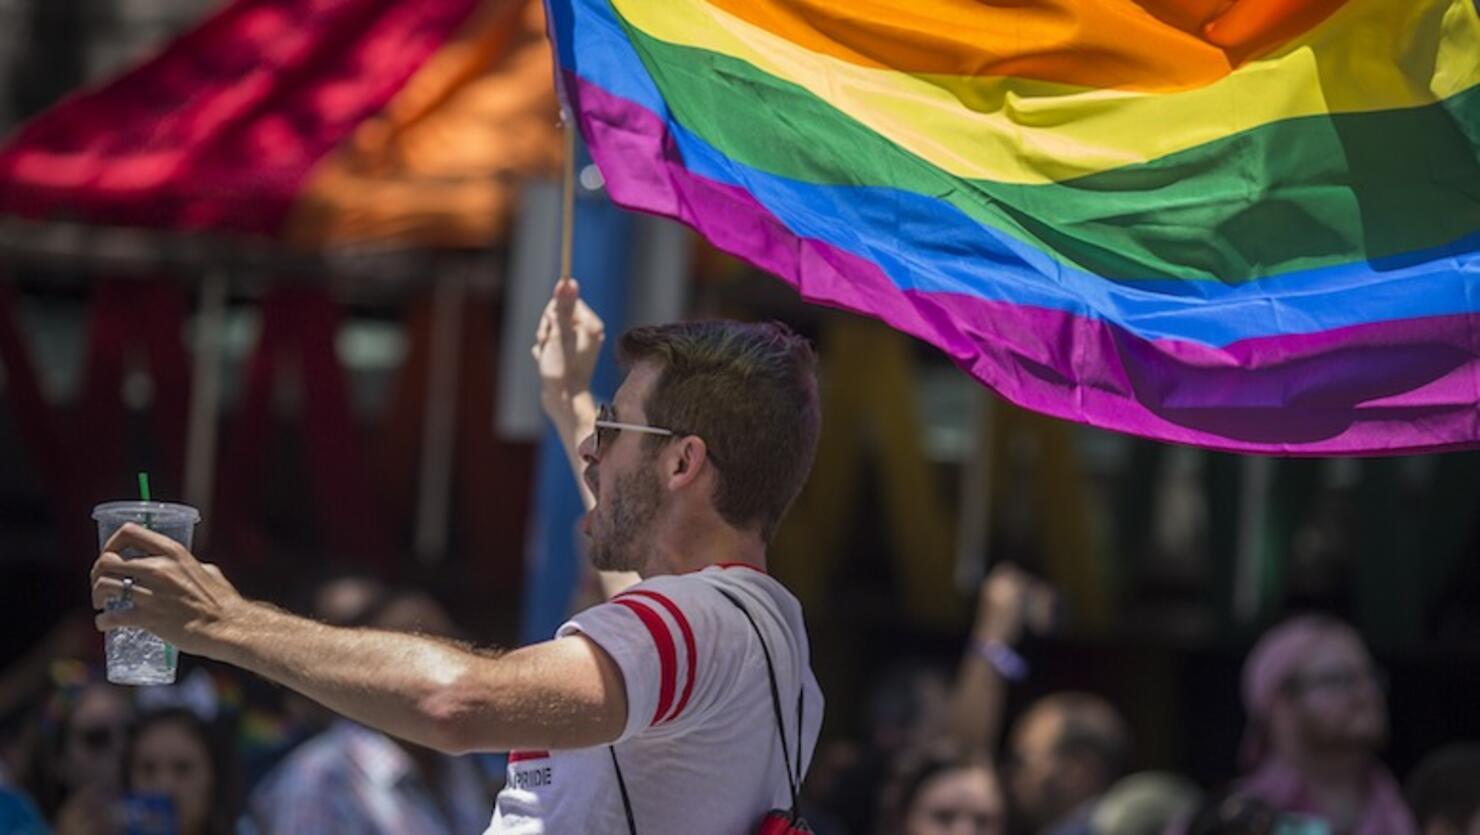 Los Angeles Holds Gay Pride Weekend Celebrations